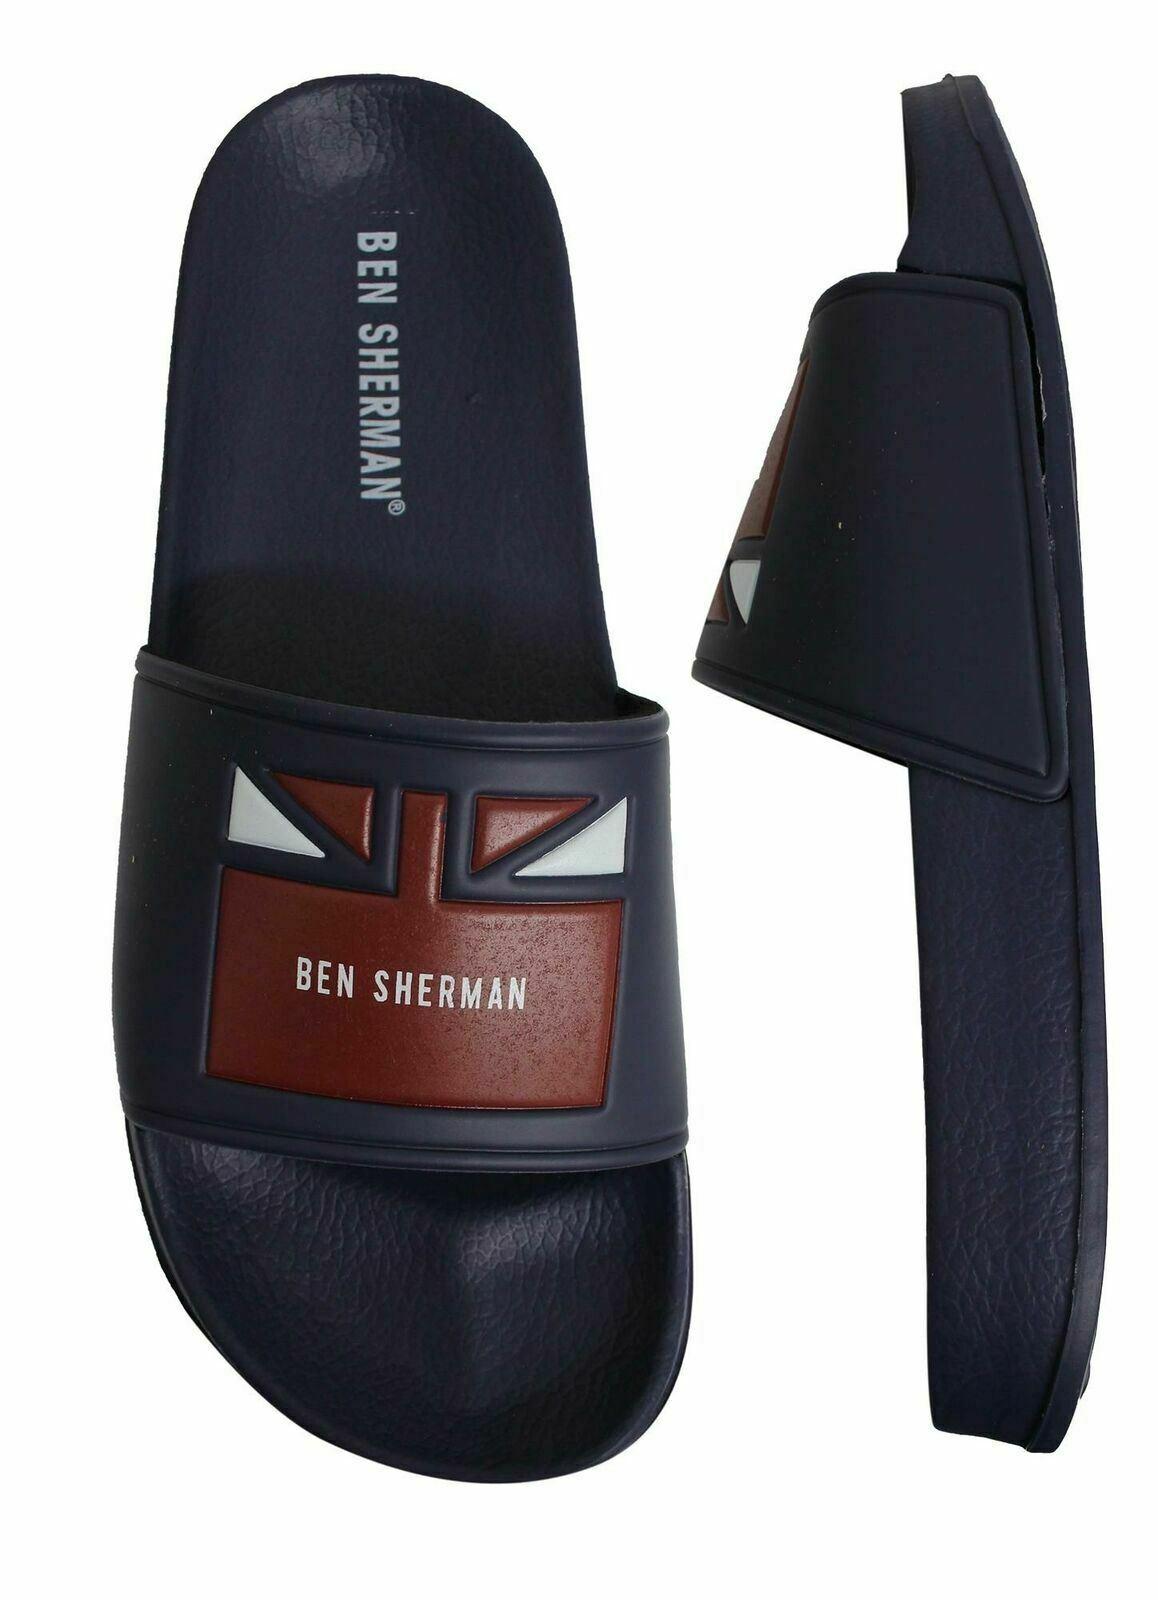 Ben Sherman Jet Slide Mens Slip On Flip Flop Sliders Sandals BEN3201